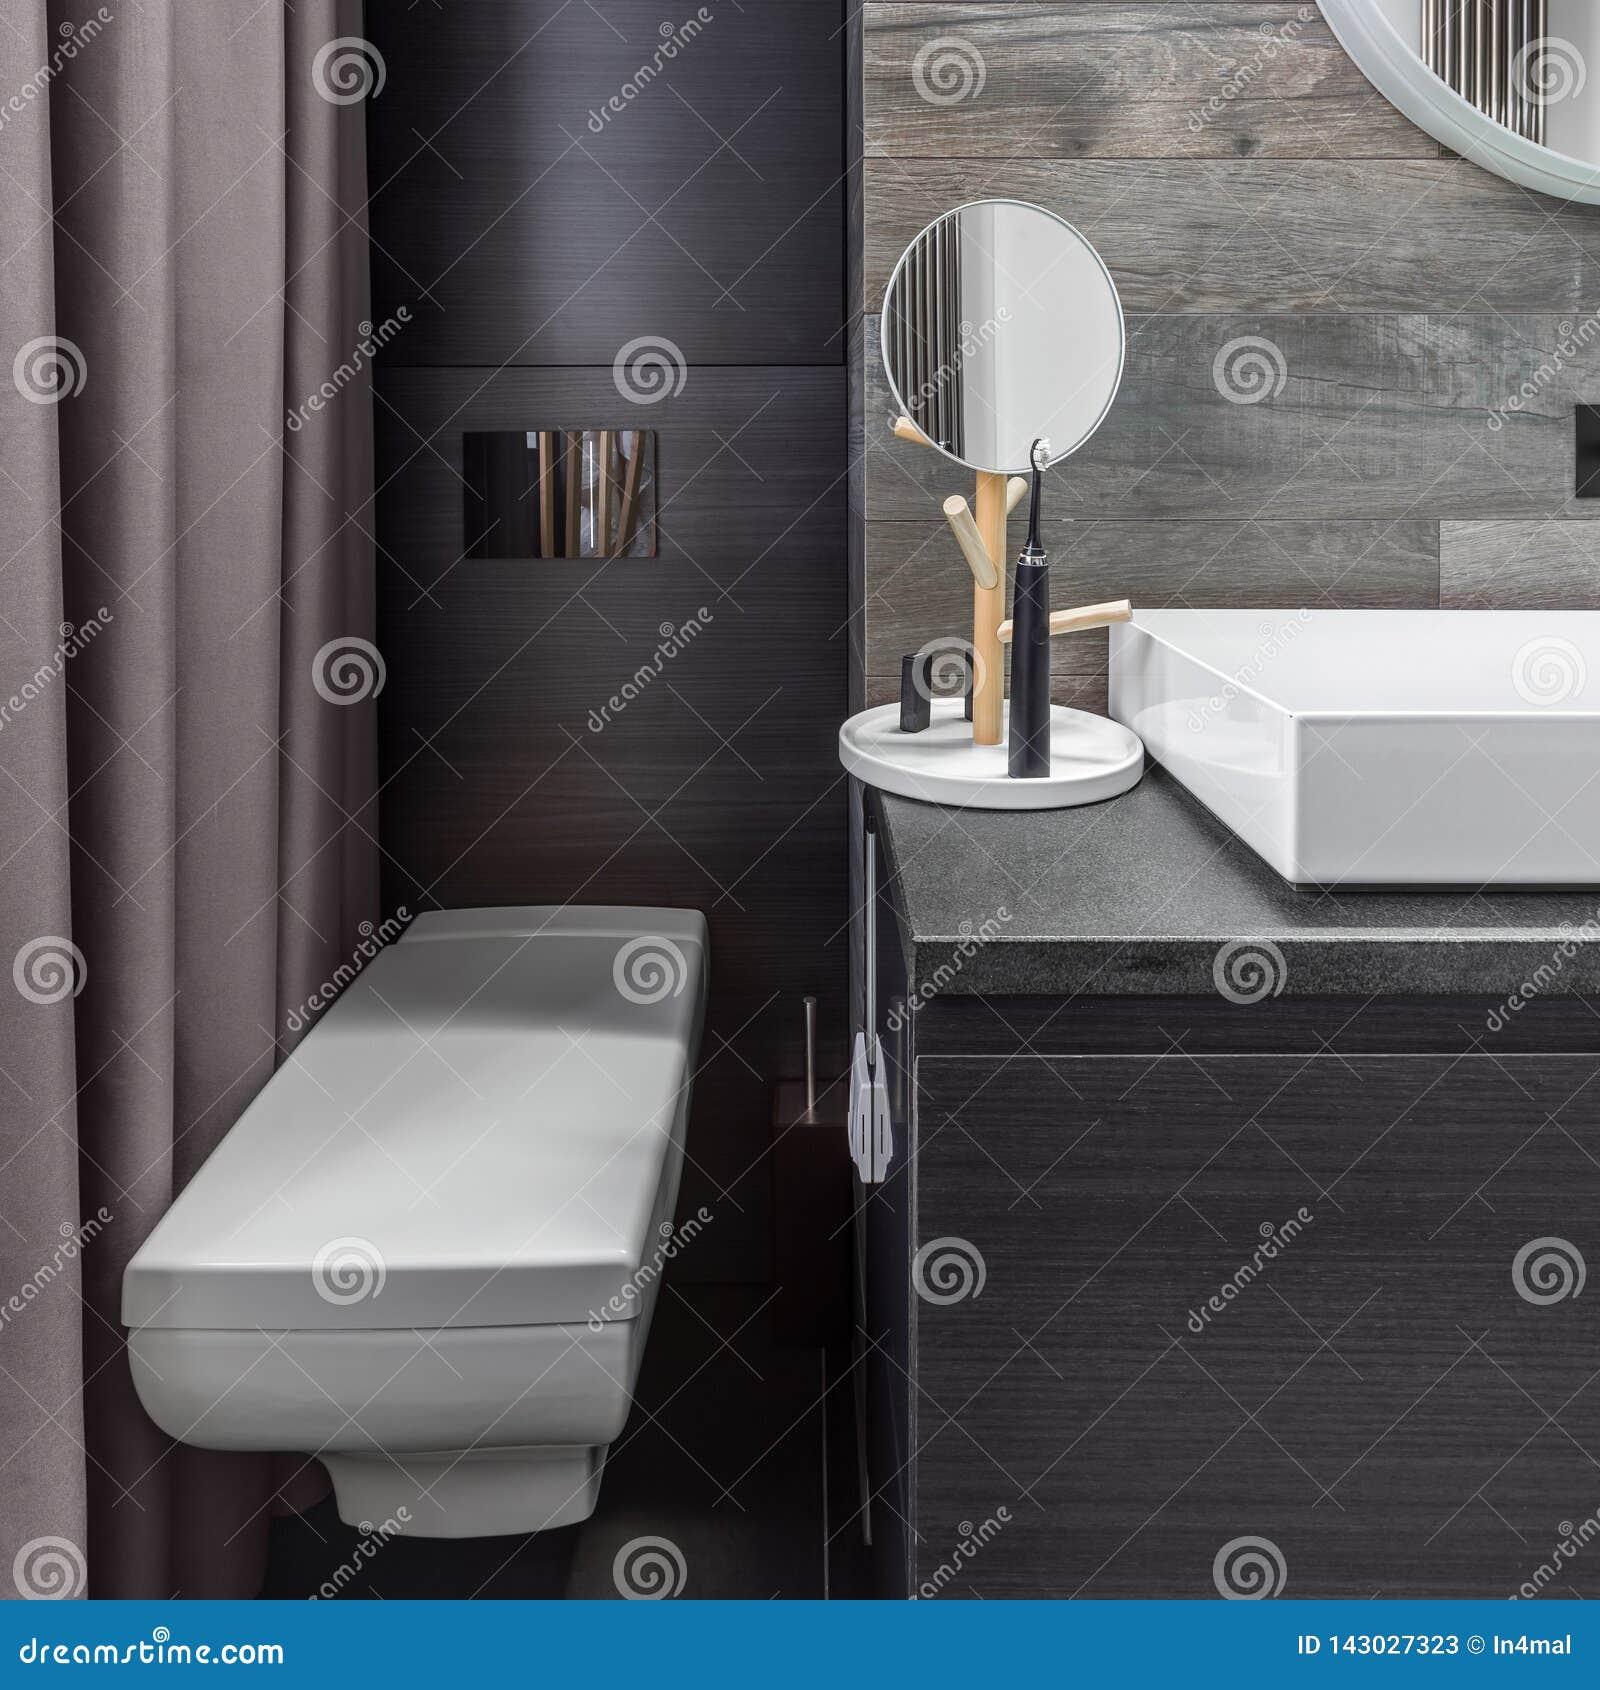 Salle De Bains Avec La Toilette Fixée Au Mur Image stock ...